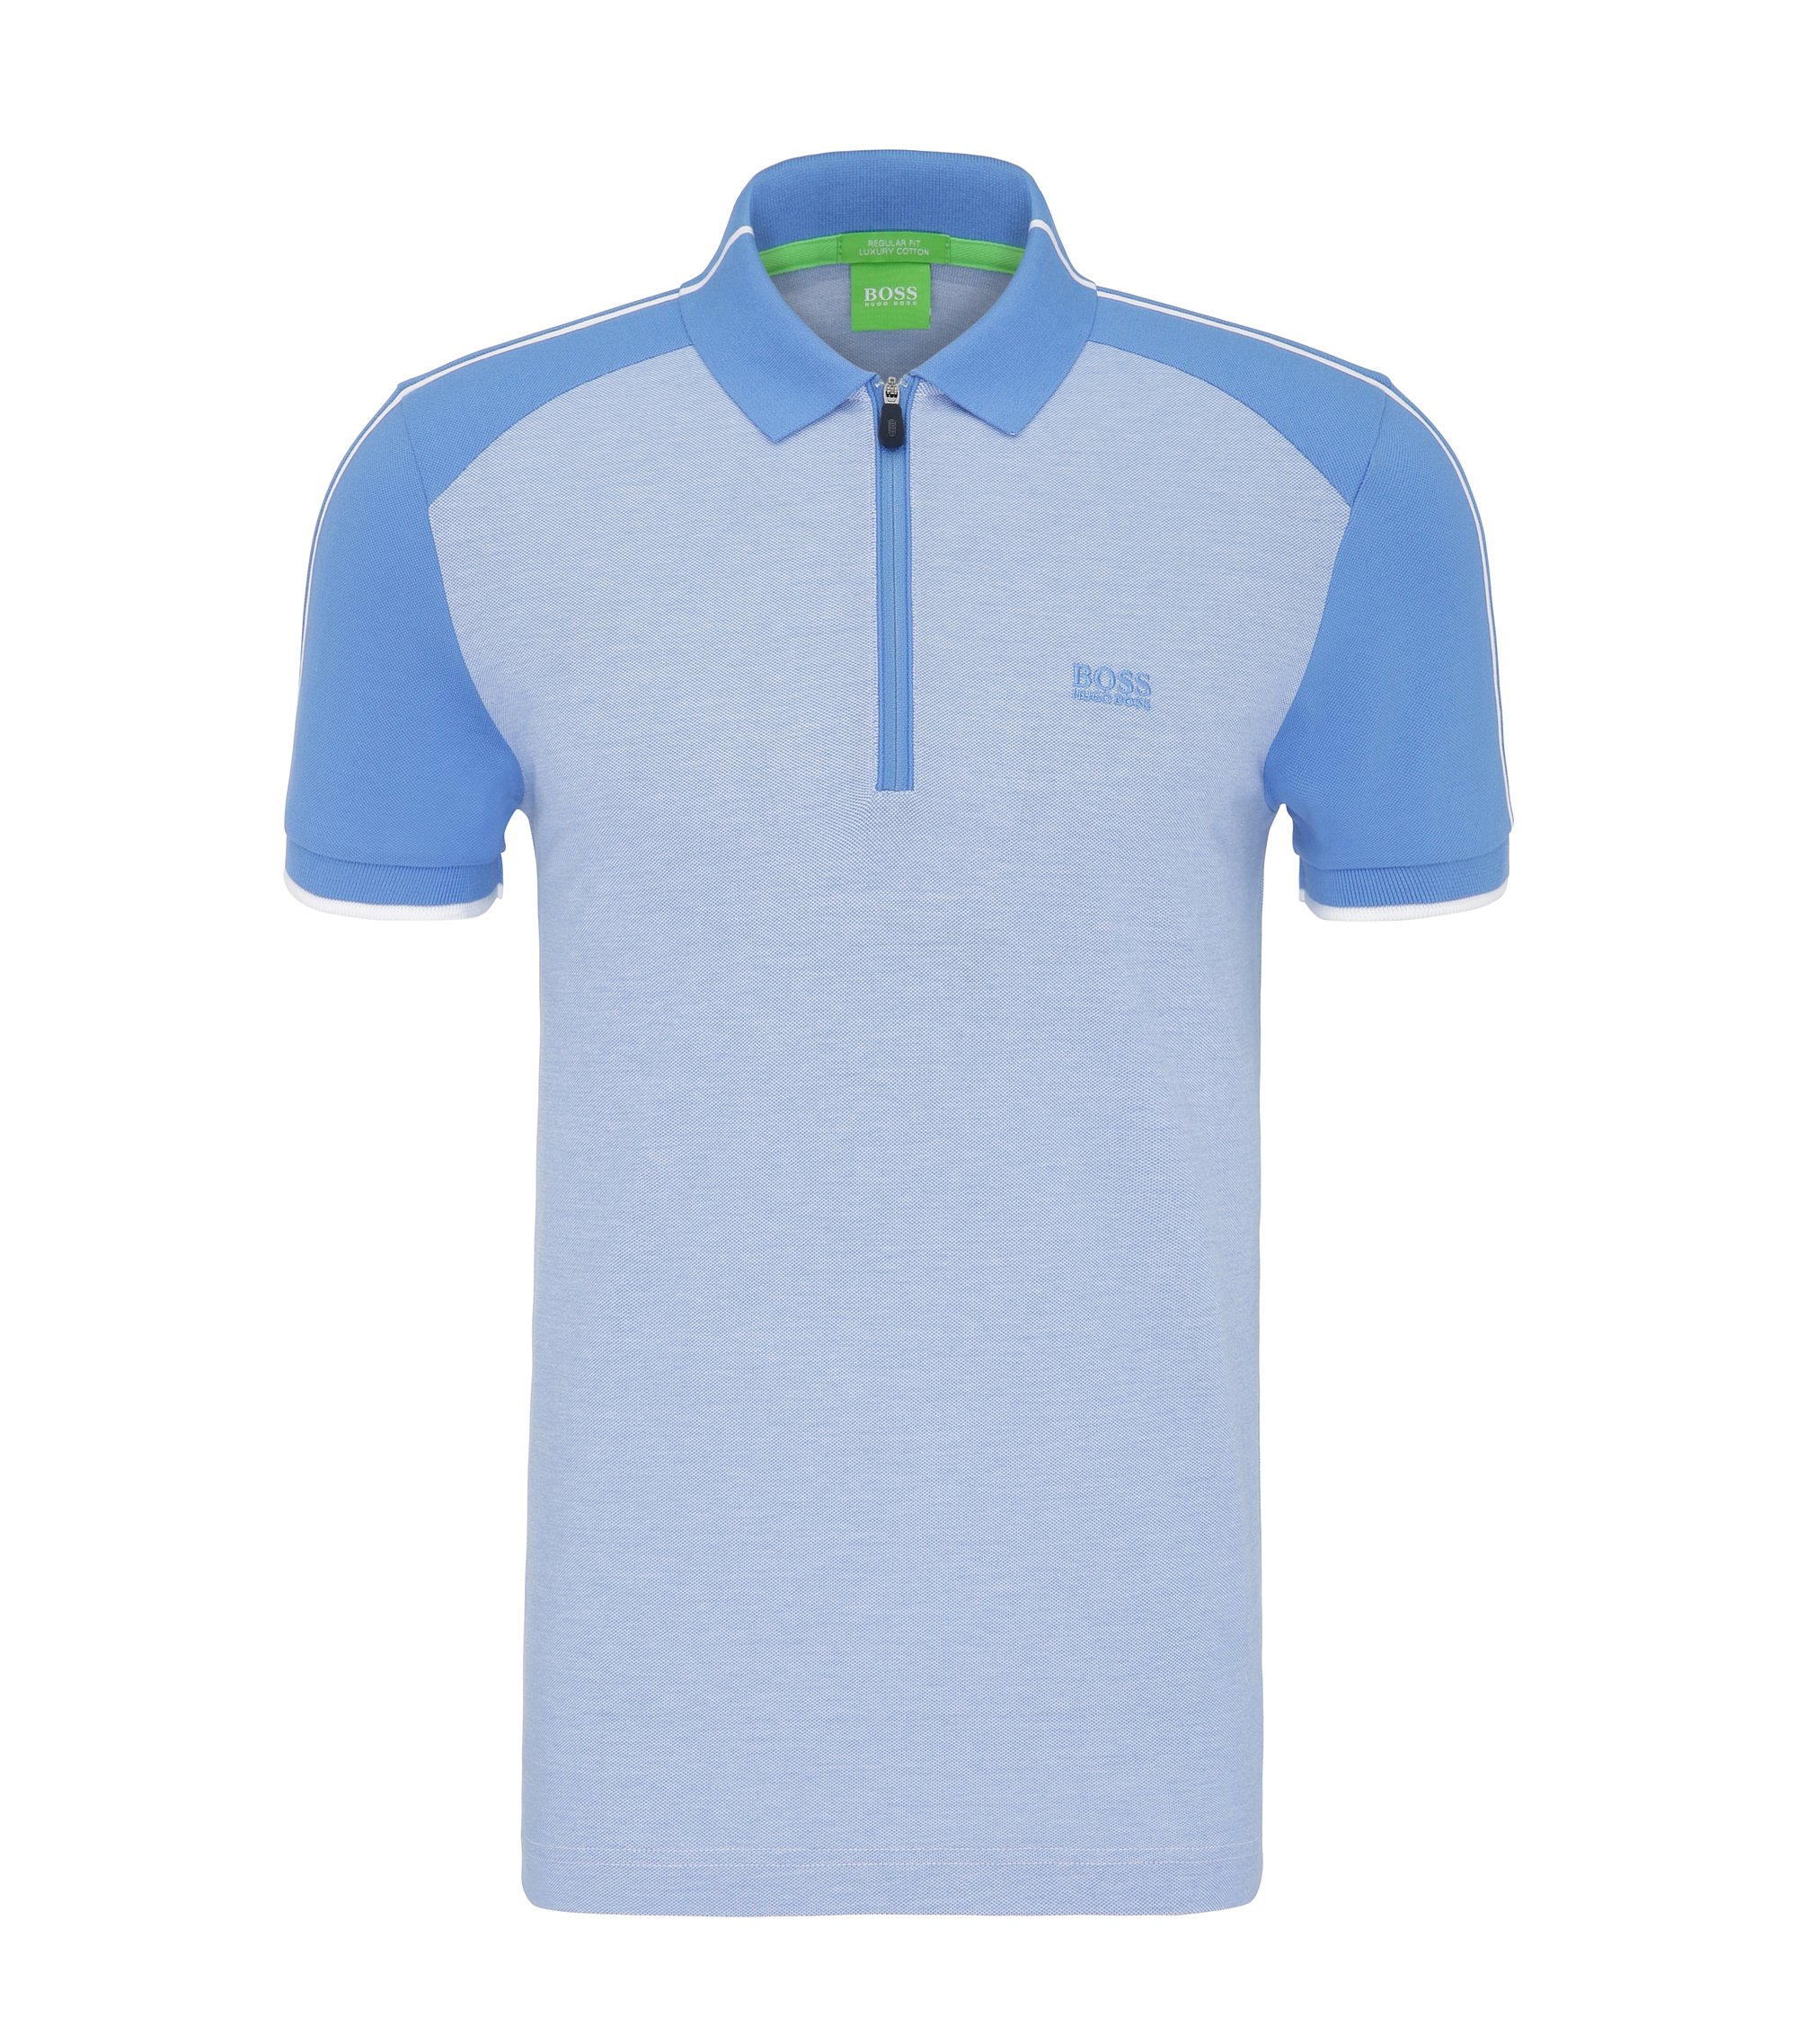 Cotton Polo Shirt, Slim Fit | Philix, Blue